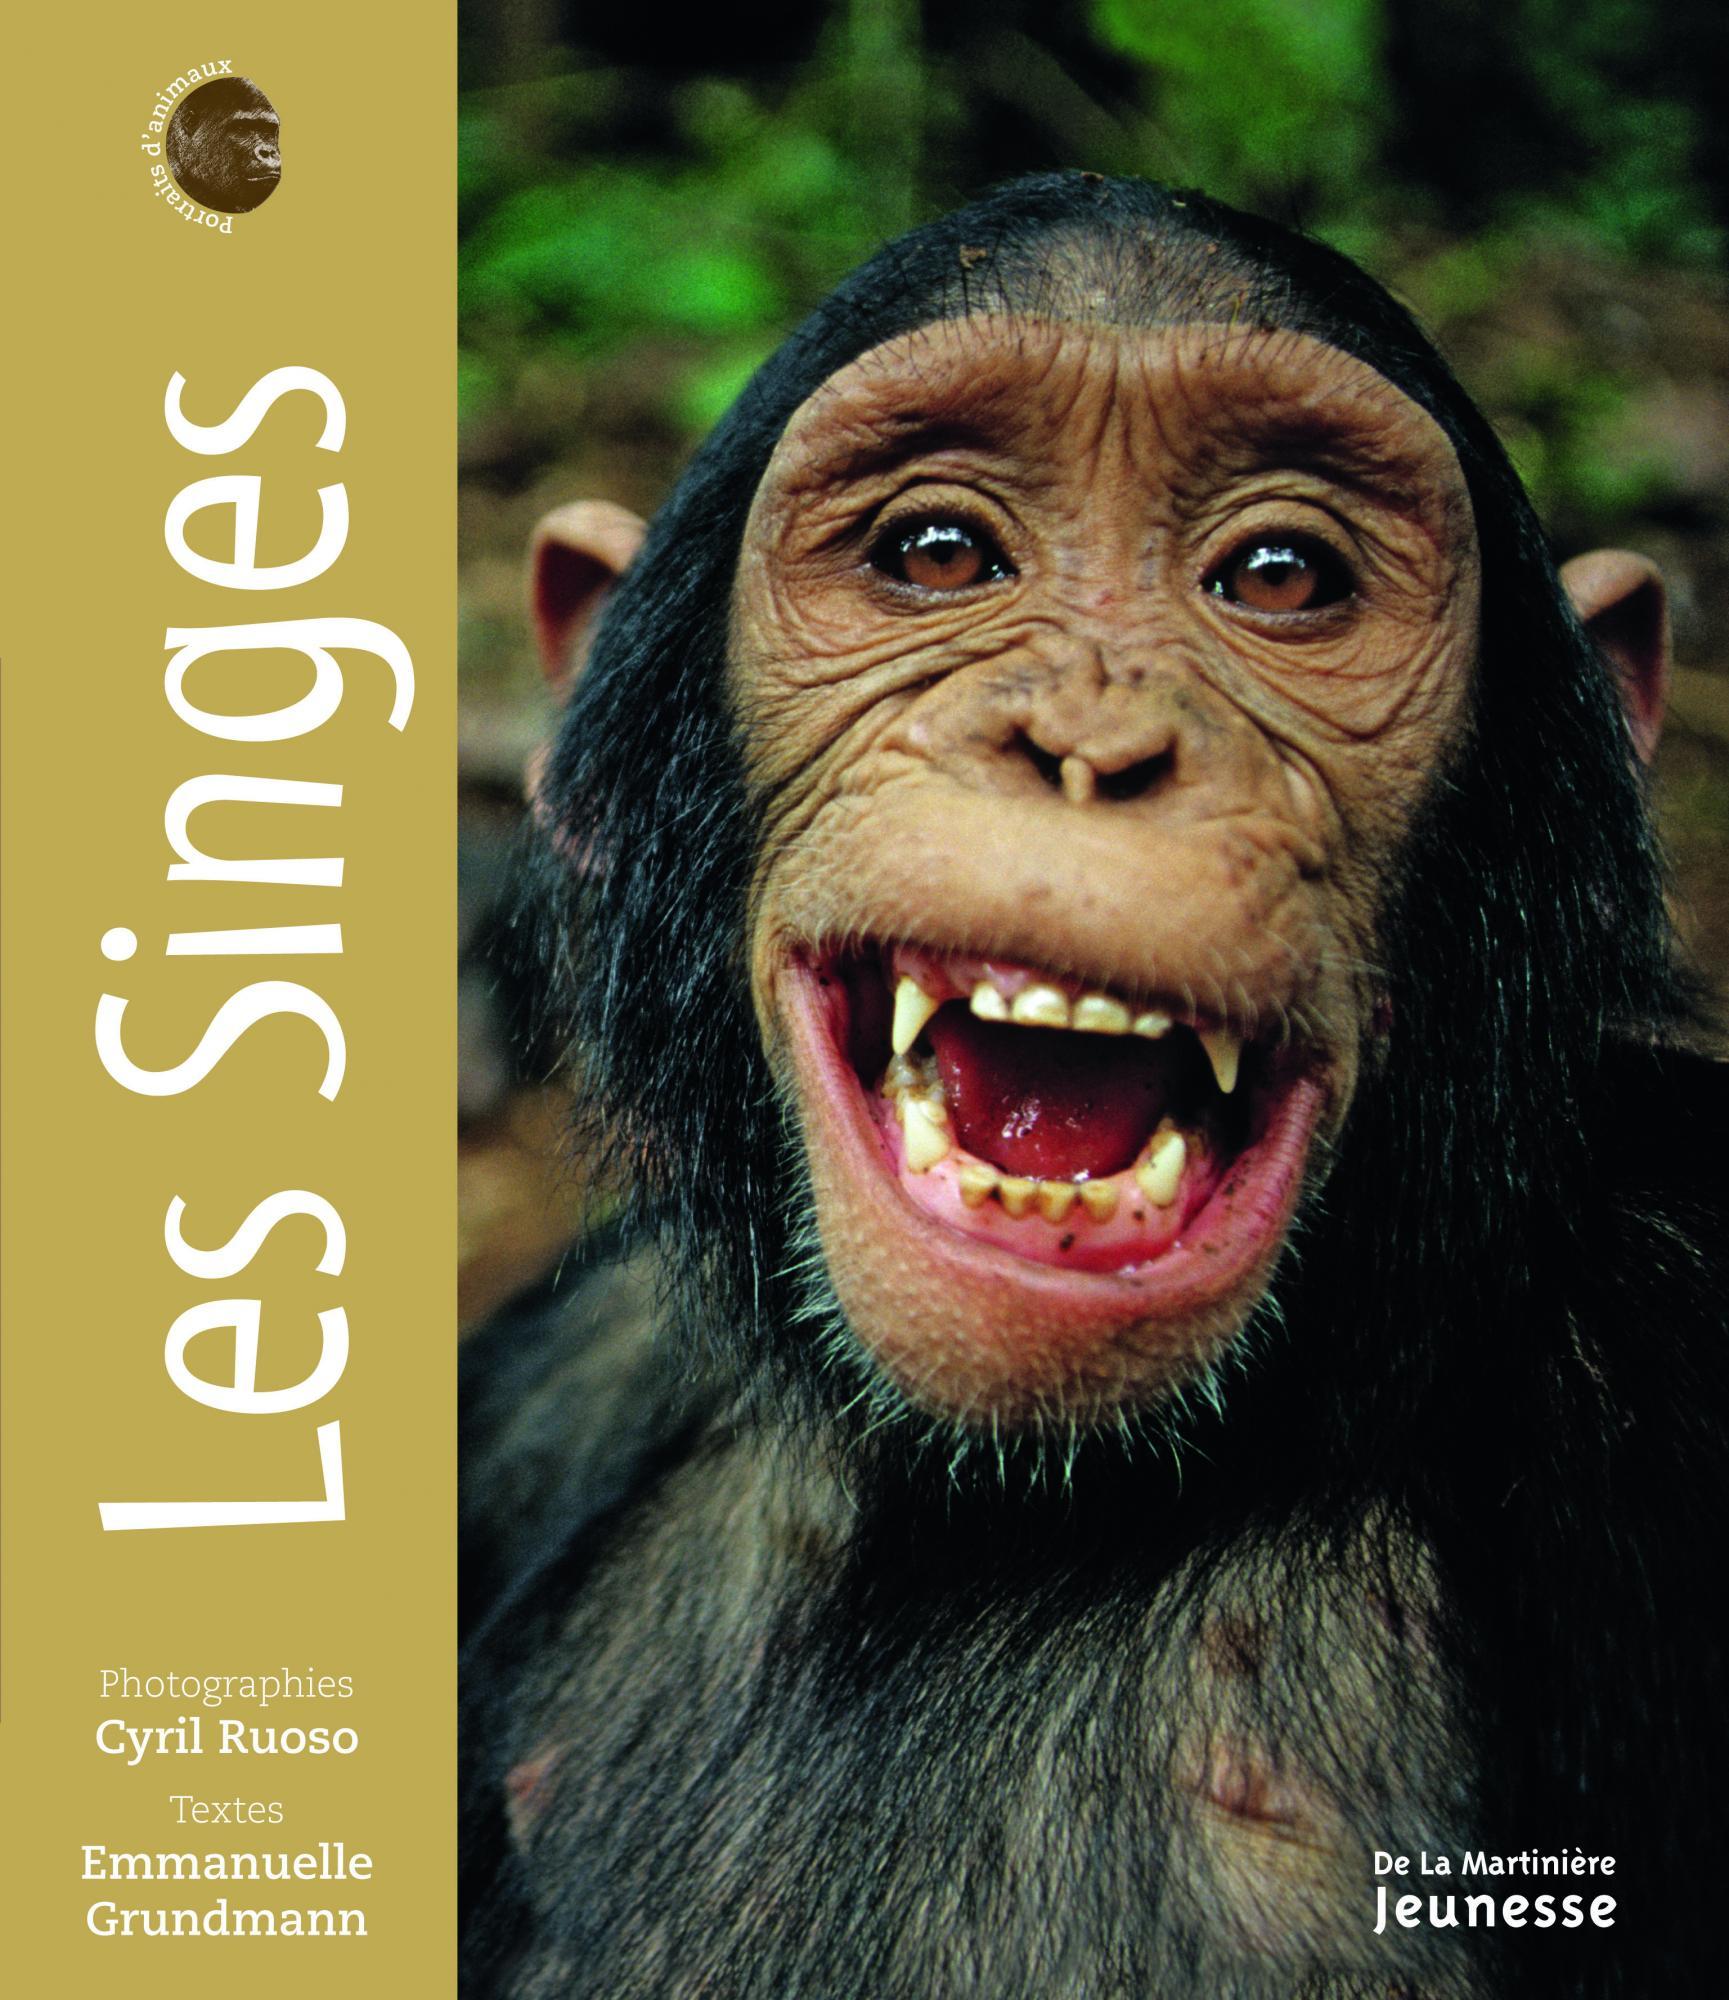 Les Singes - Emmanuelle Grundmann | Editions de La